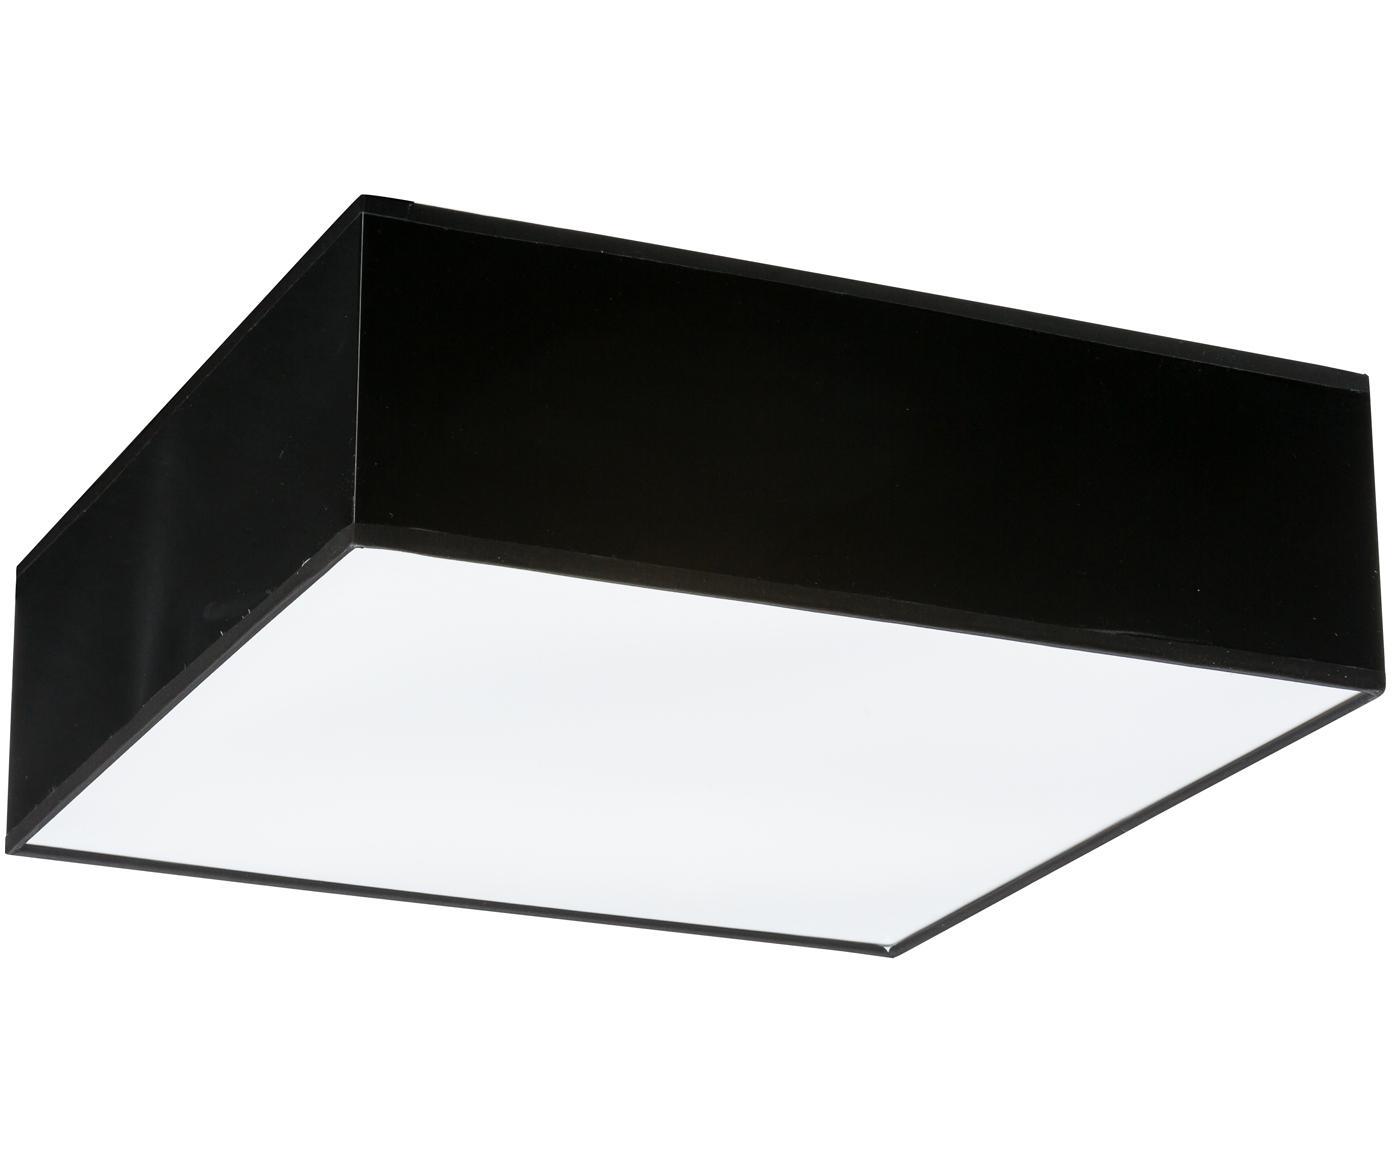 Plafoniera Mitra, Materiale sintetico (PVC), Cornice: nero Diffusore: bianco, Larg. 35 x Alt. 12 cm